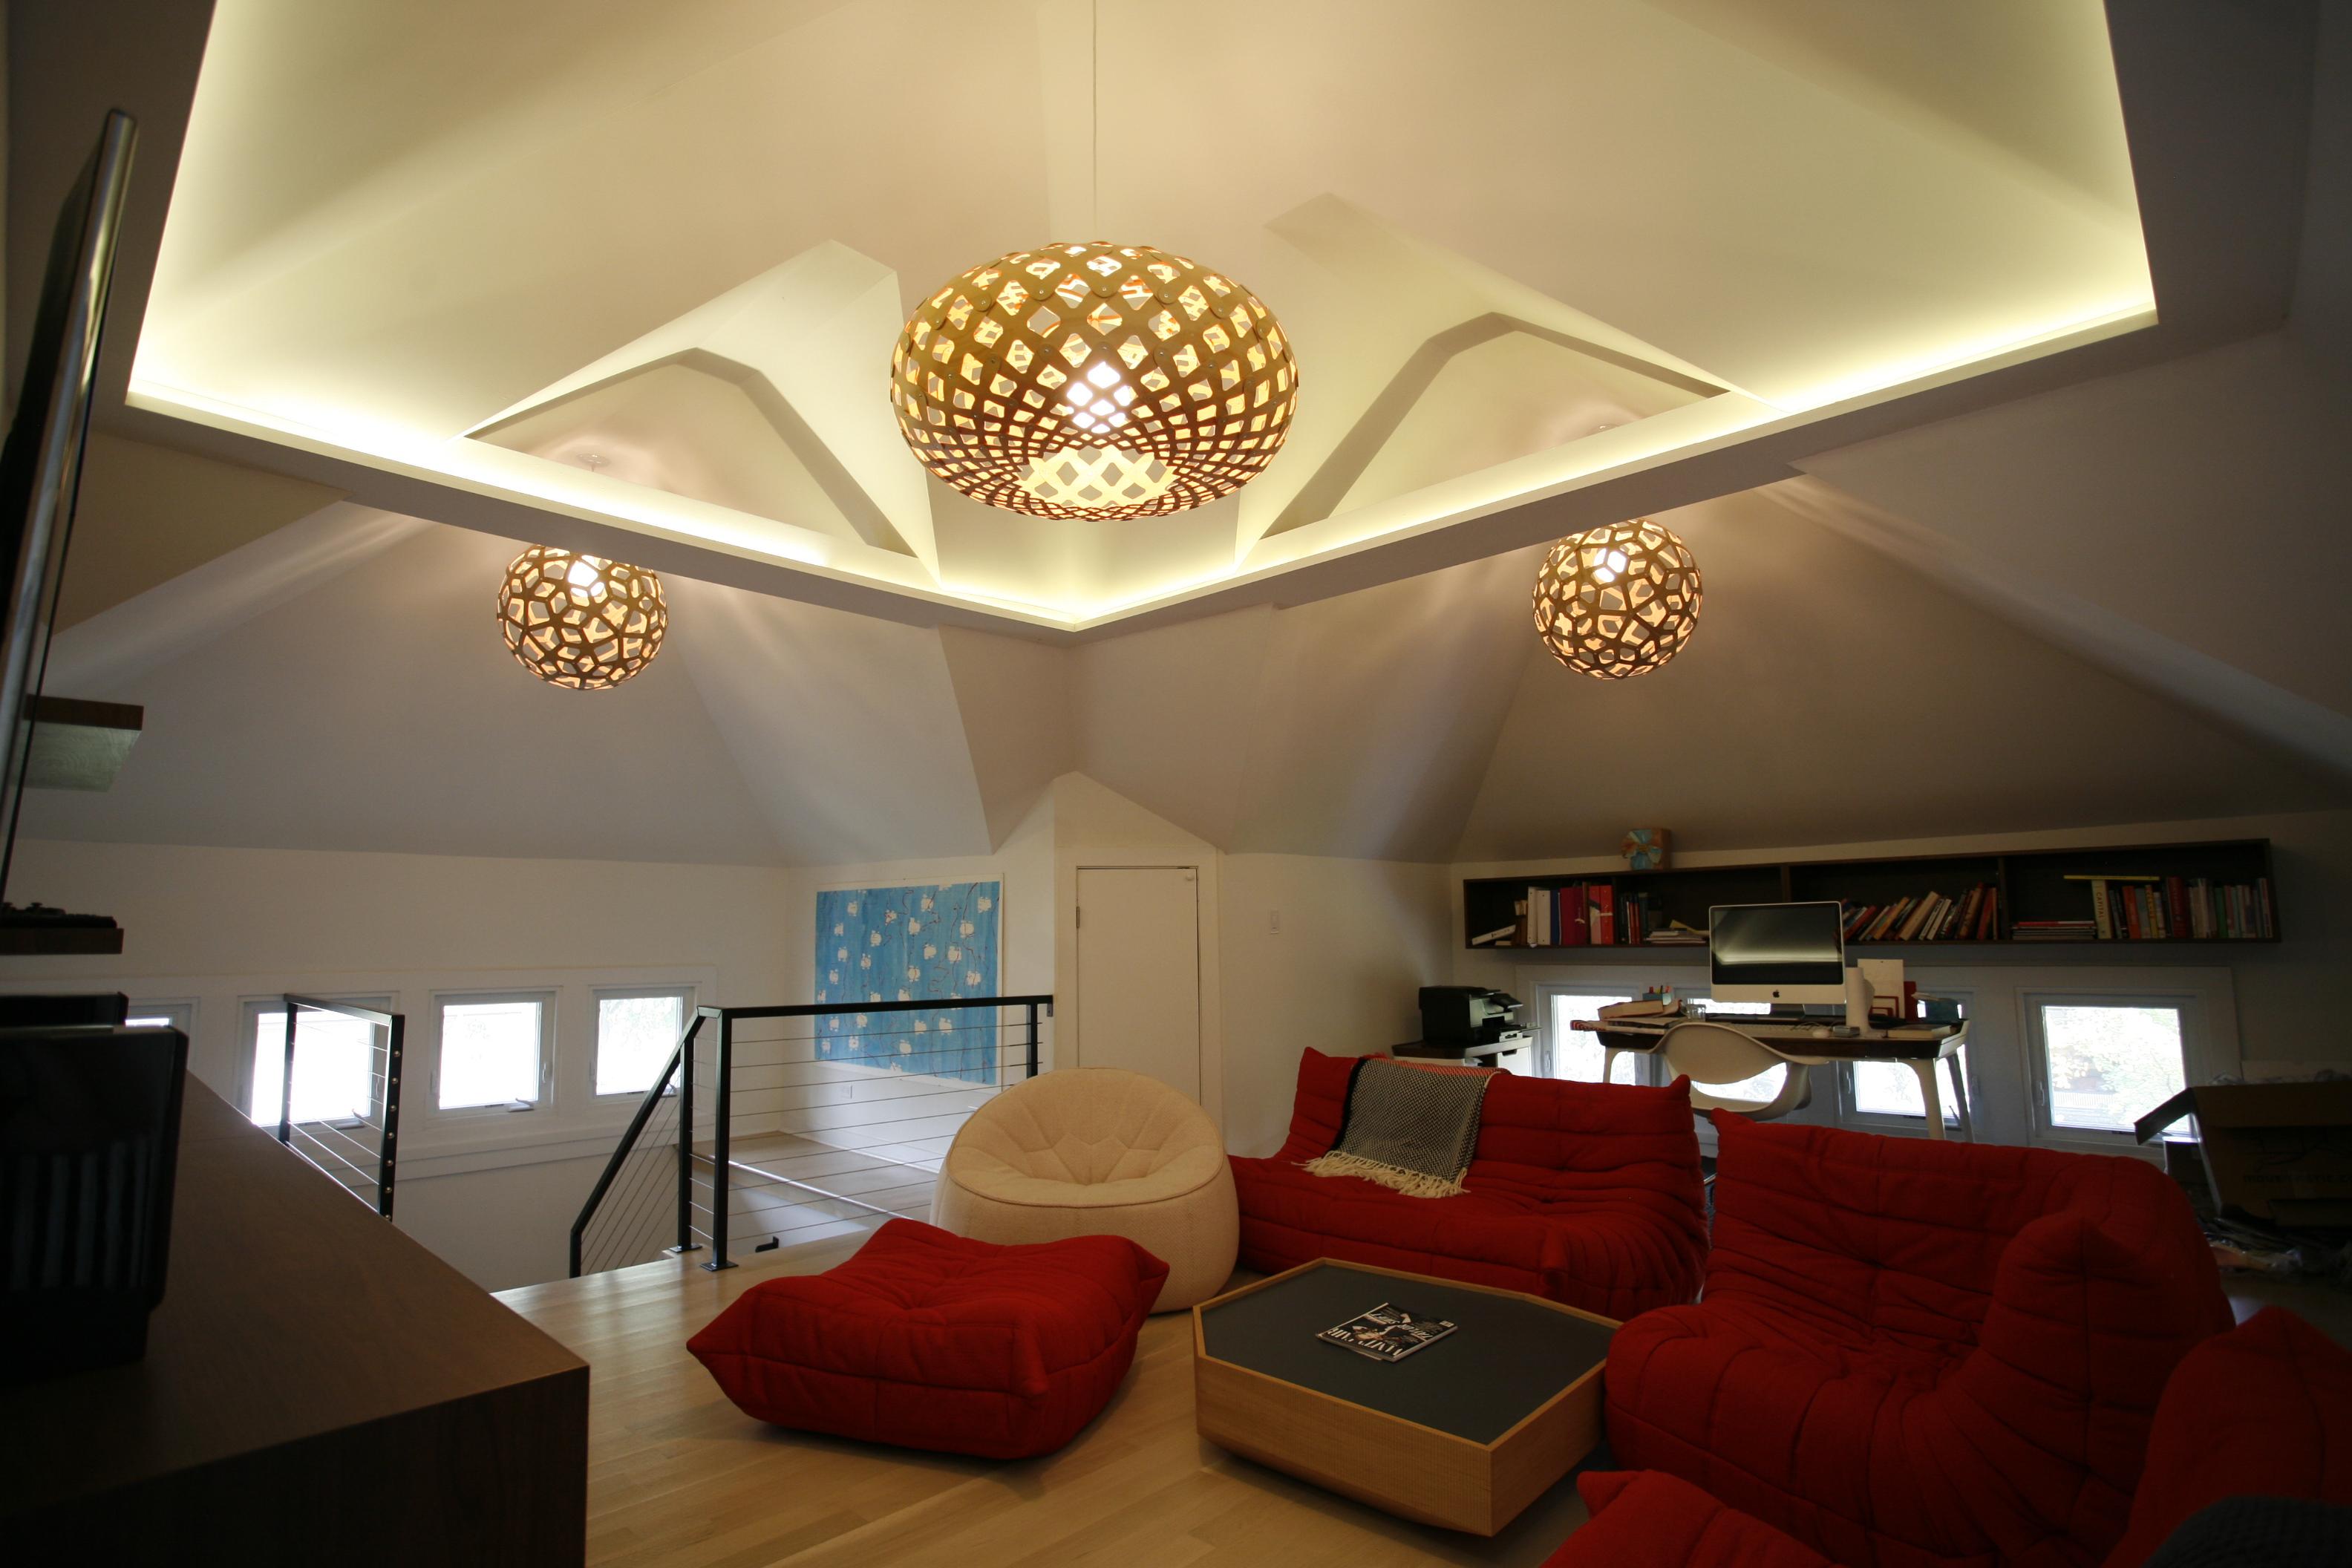 Berg attic